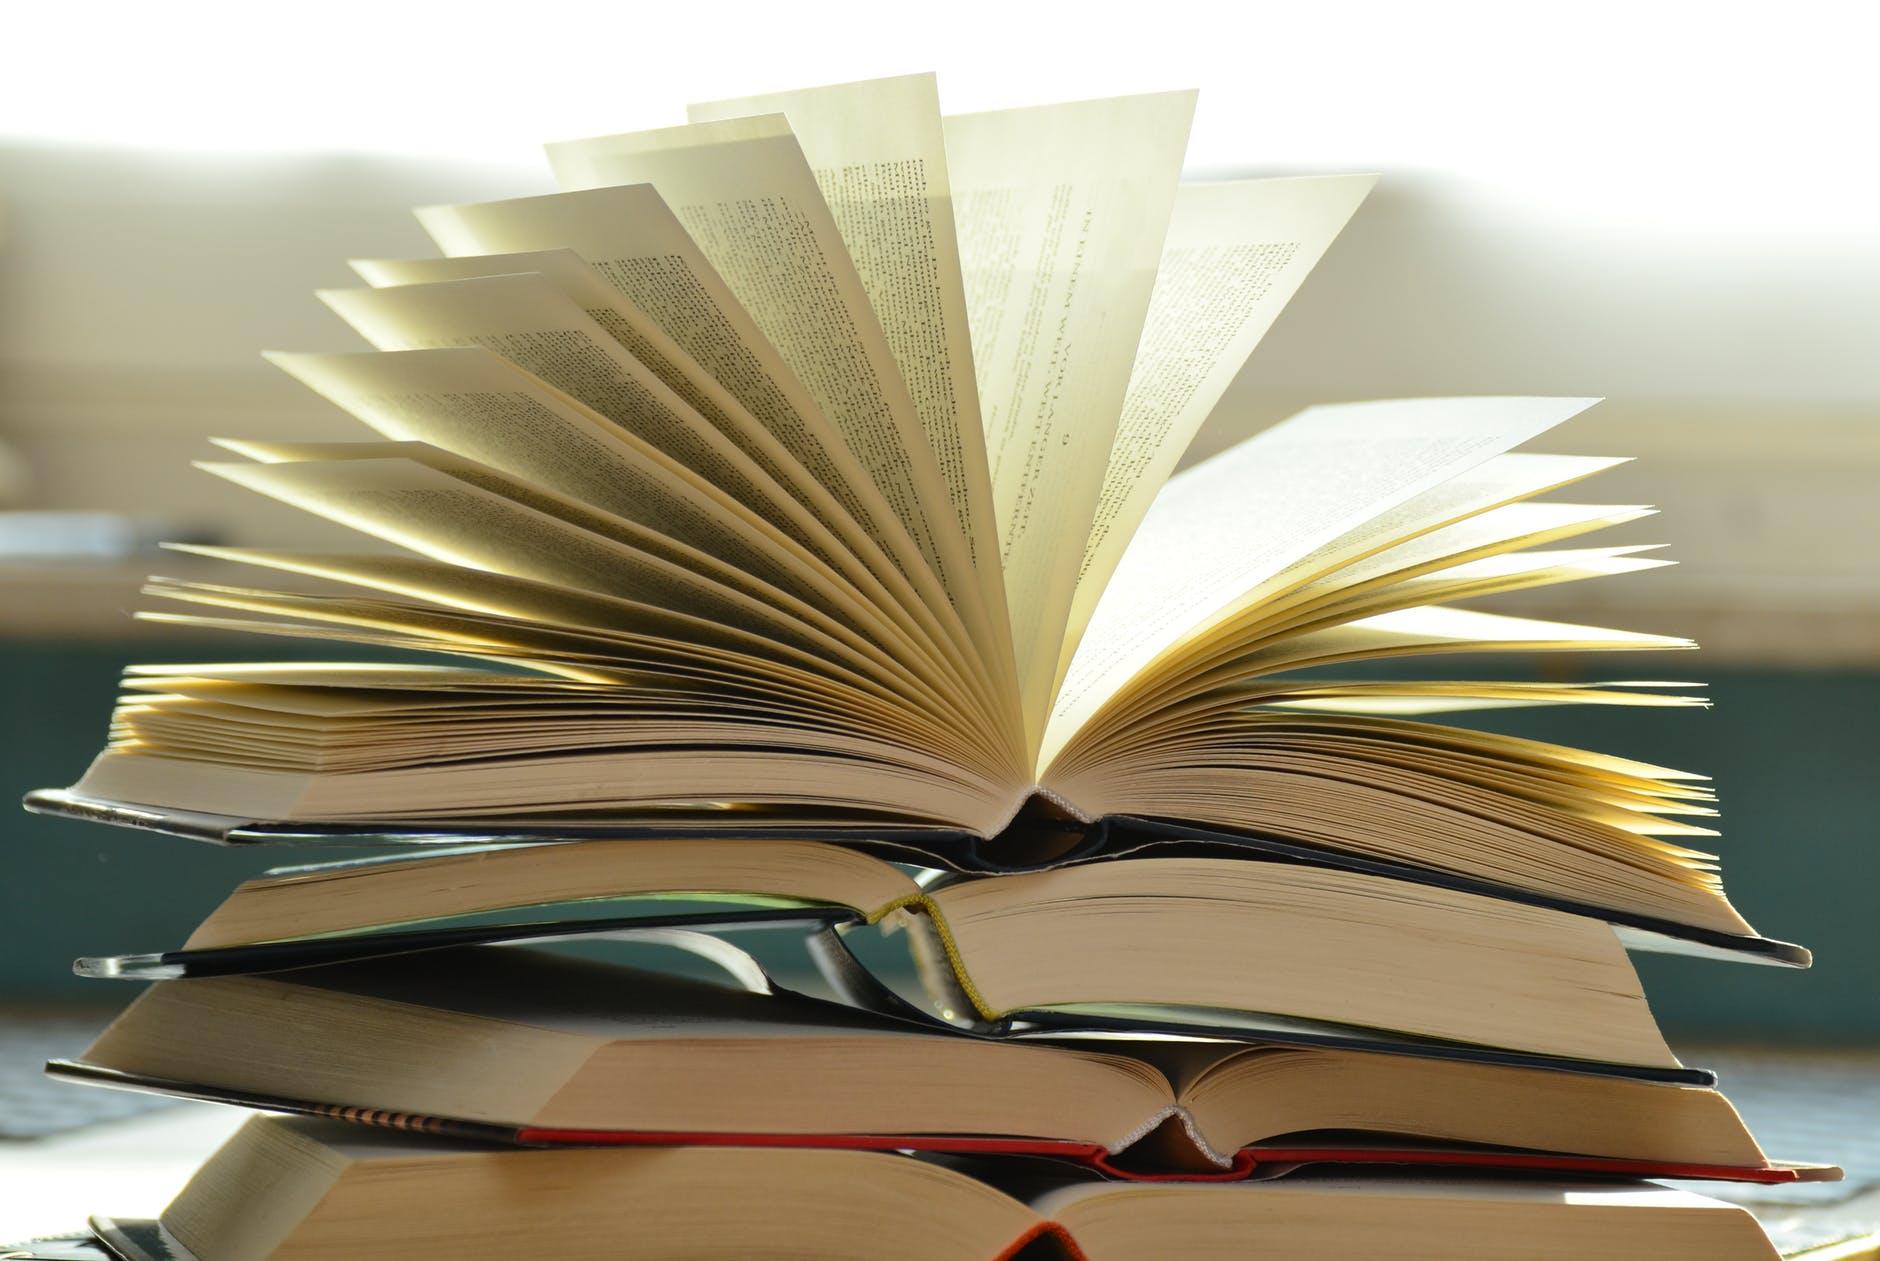 Pile de livres ouverts